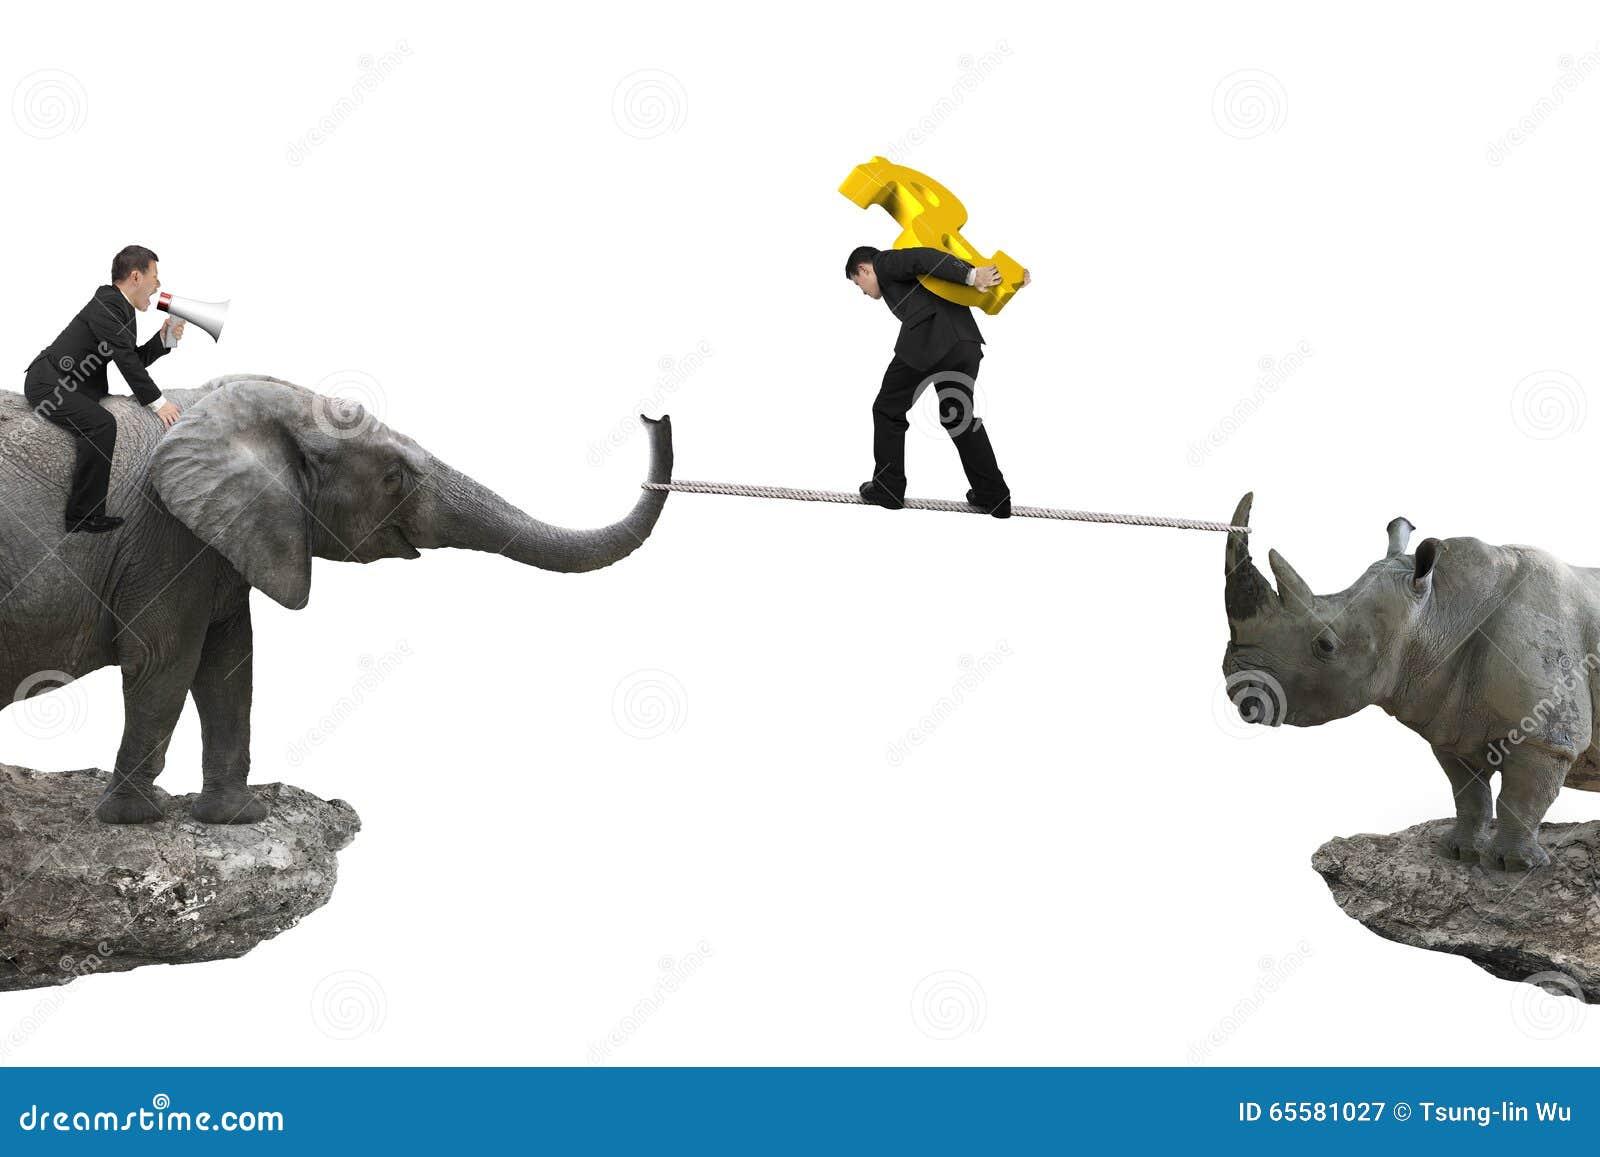 Equipe o elefante da equitação contra o rinoceronte uma outra boneca levando do homem